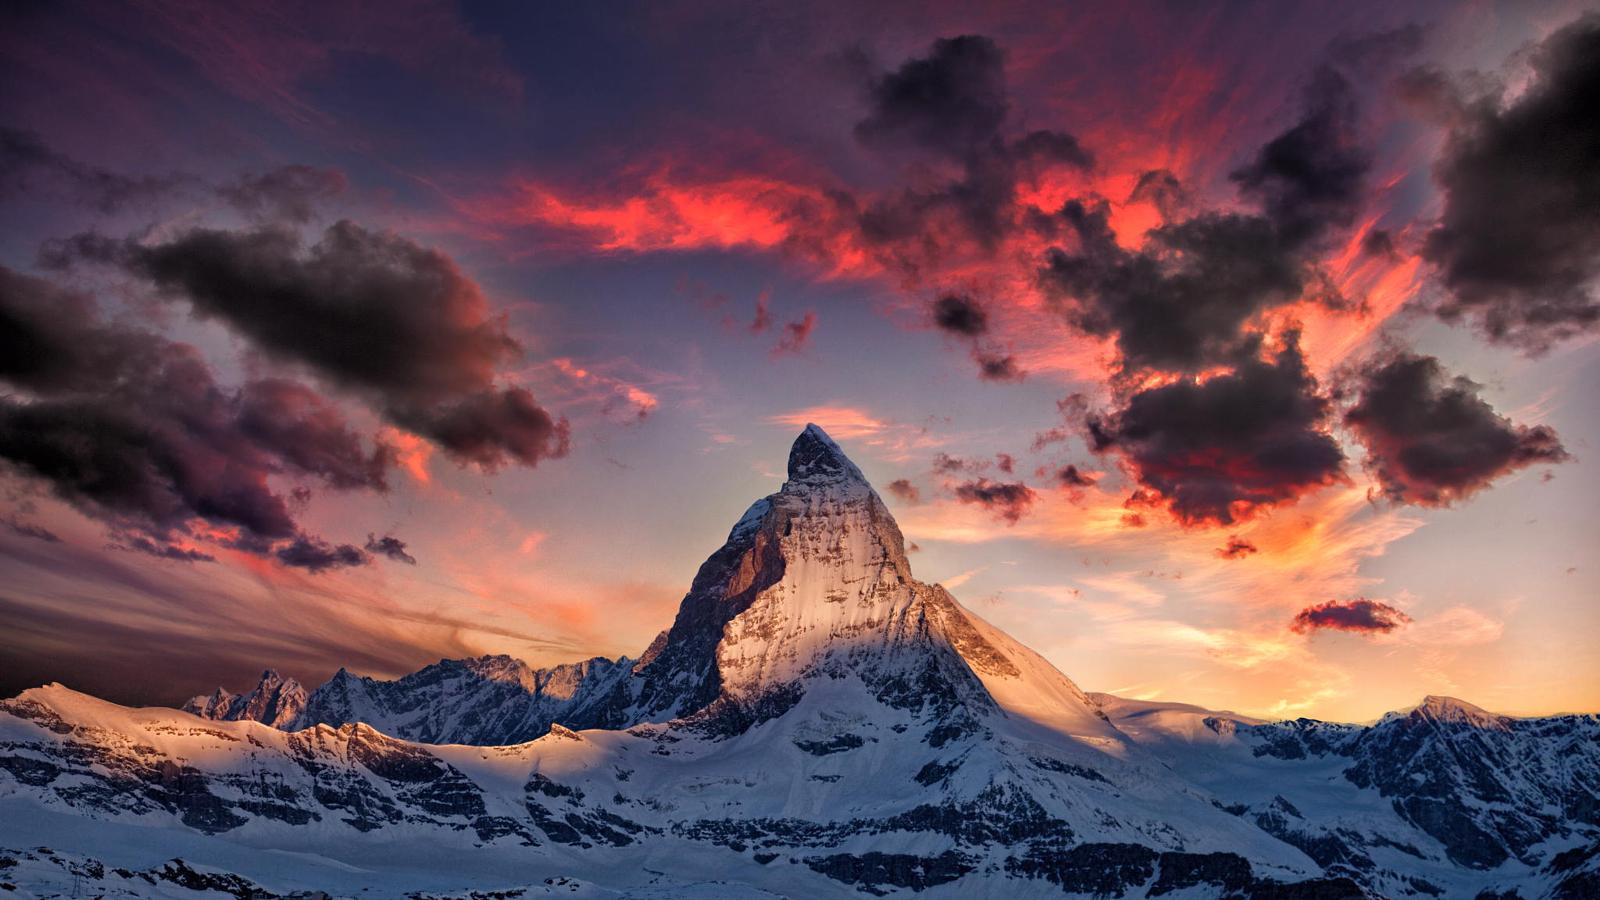 Самое интересное : Бітрікс24 - надійна система управління проектами